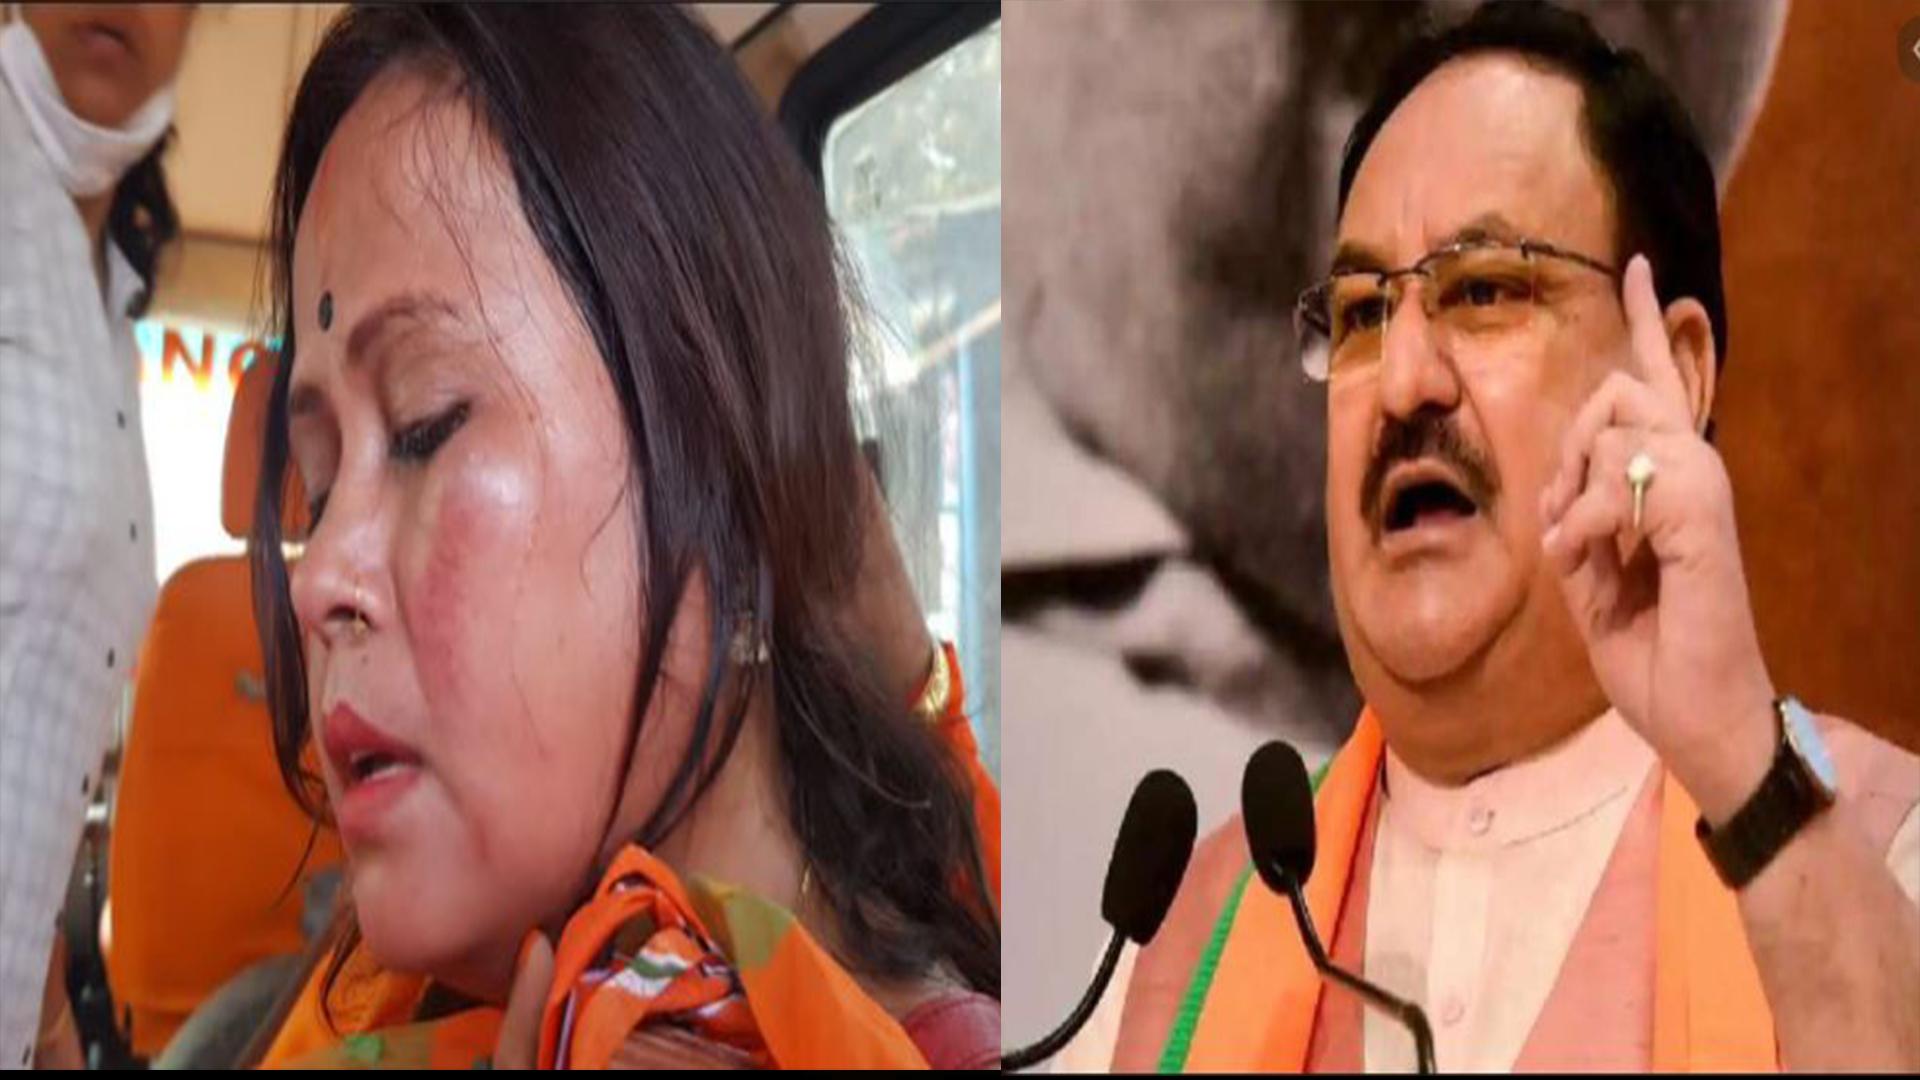 भाजपा अध्यक्ष नड्डा के आने से पहले बंगाल पुलिस ने भाजपा कार्यकर्ताओं पर लाठीचार्ज किया, महिलाओं को भी नहीं छोड़ा